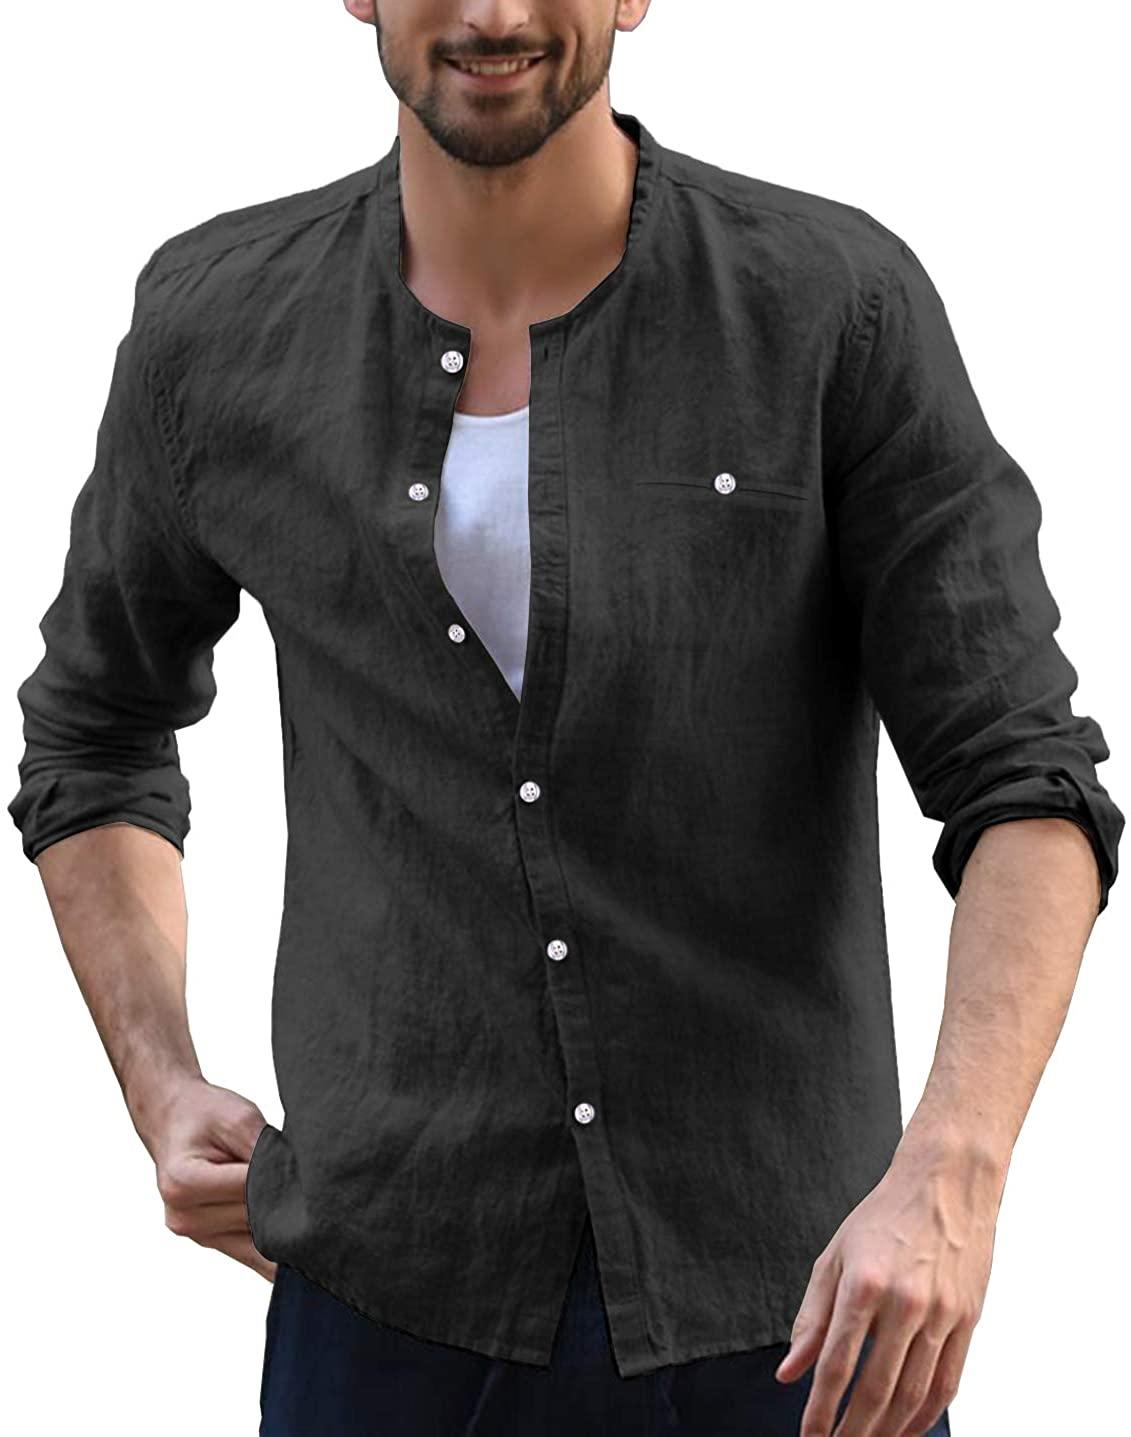 URRU Mens Long-Sleeve Cotton Linen Shirt Summer Beach Casual Shirt Loose Fit Henleys Collar Tops